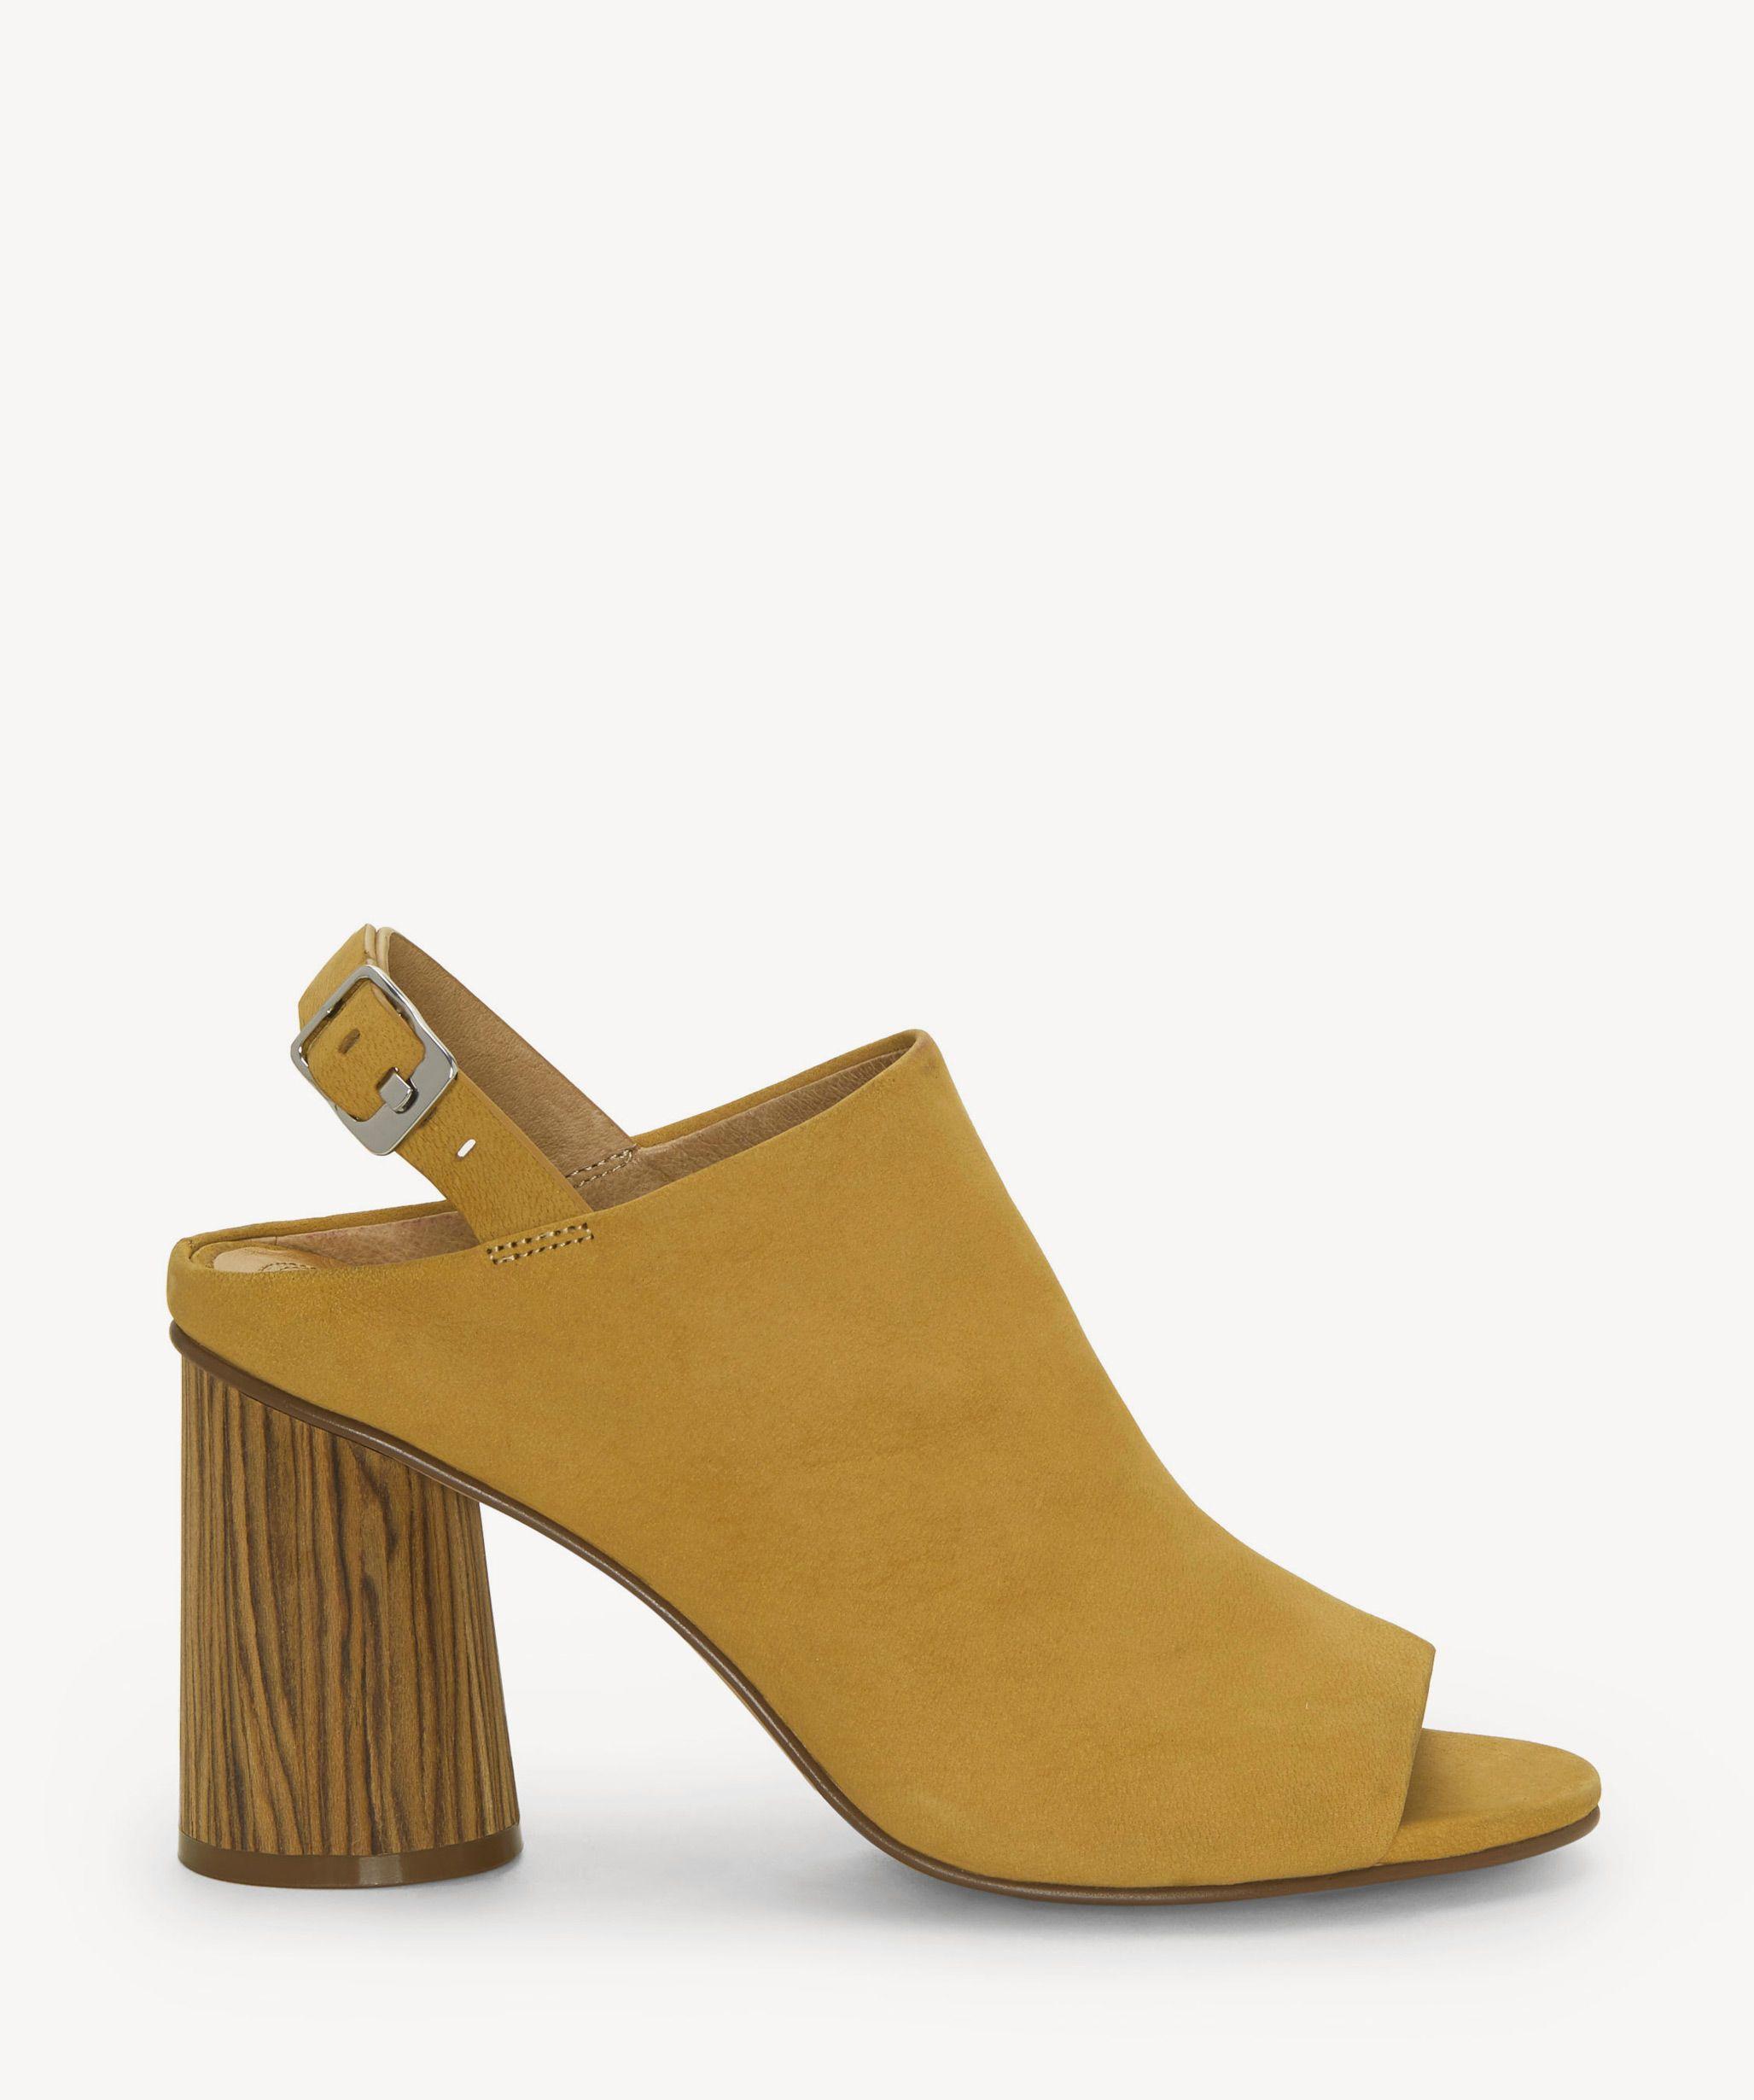 830860c59b3 Corso Como Women s Gailie Block Heels Sandals Mustard